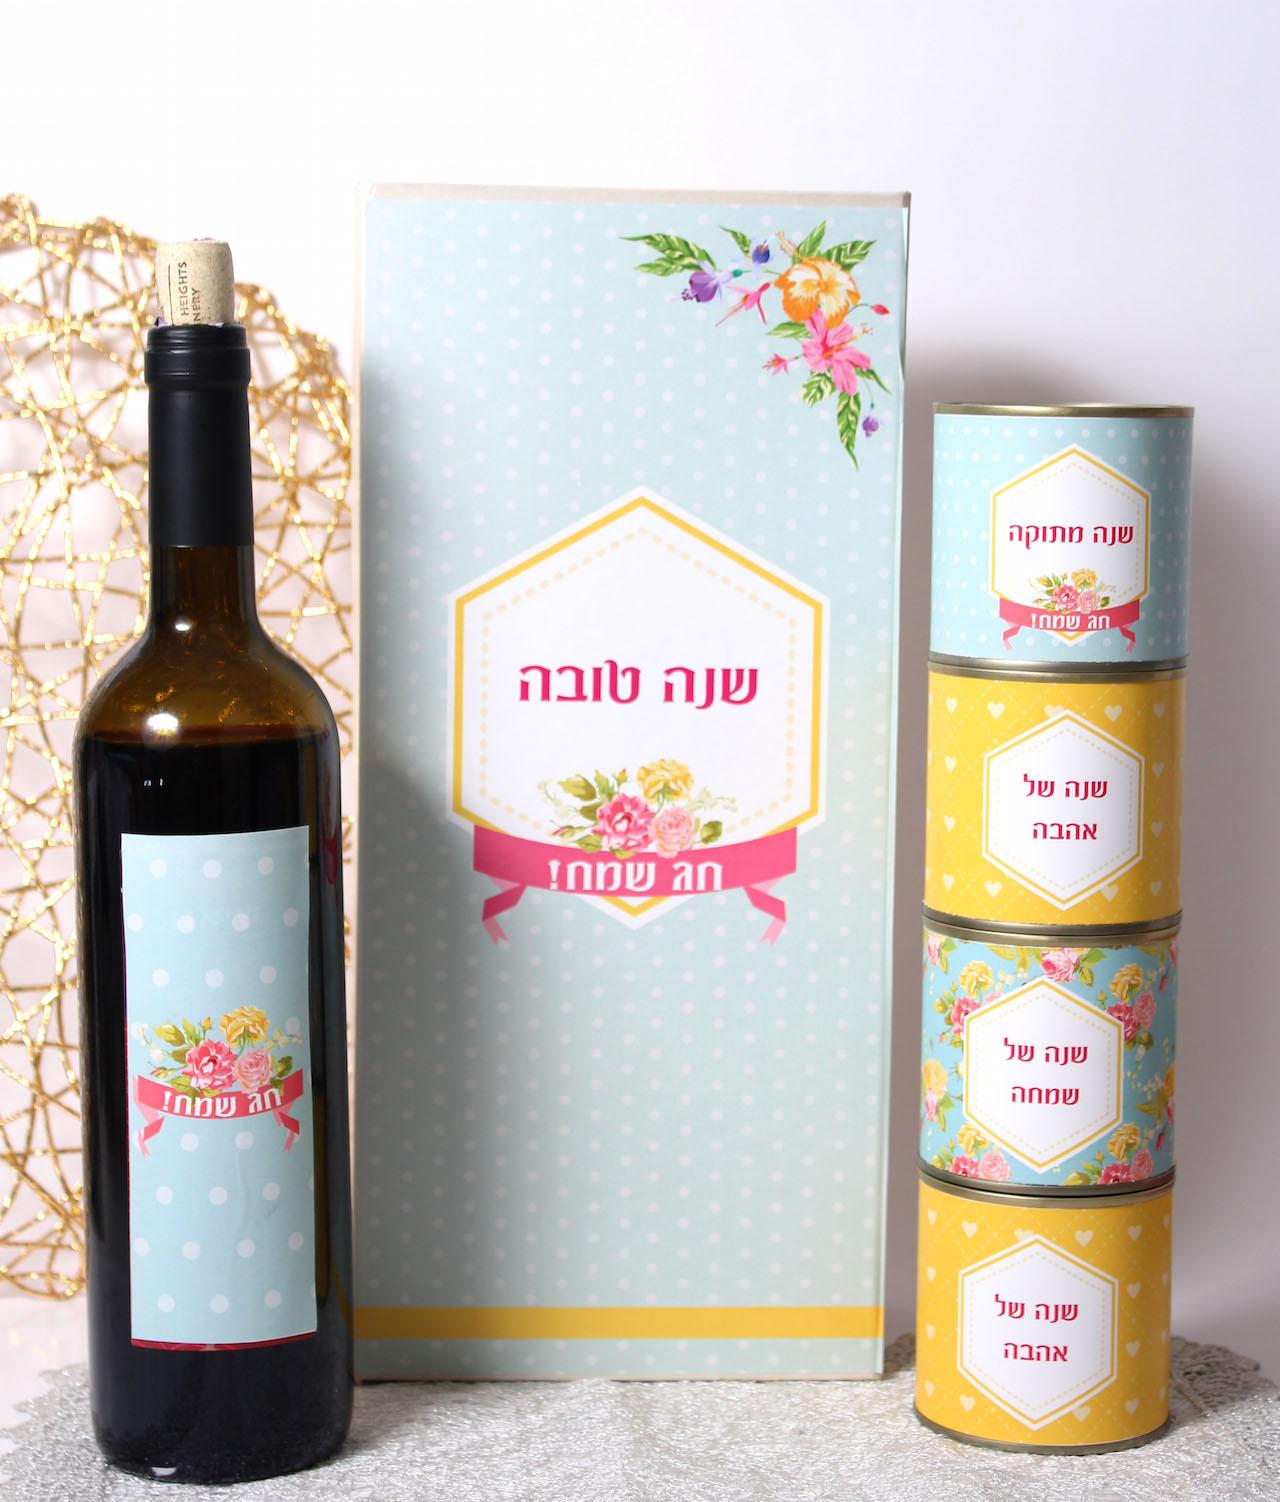 מארז פחיות ויין לראש השנה קונפטיקס